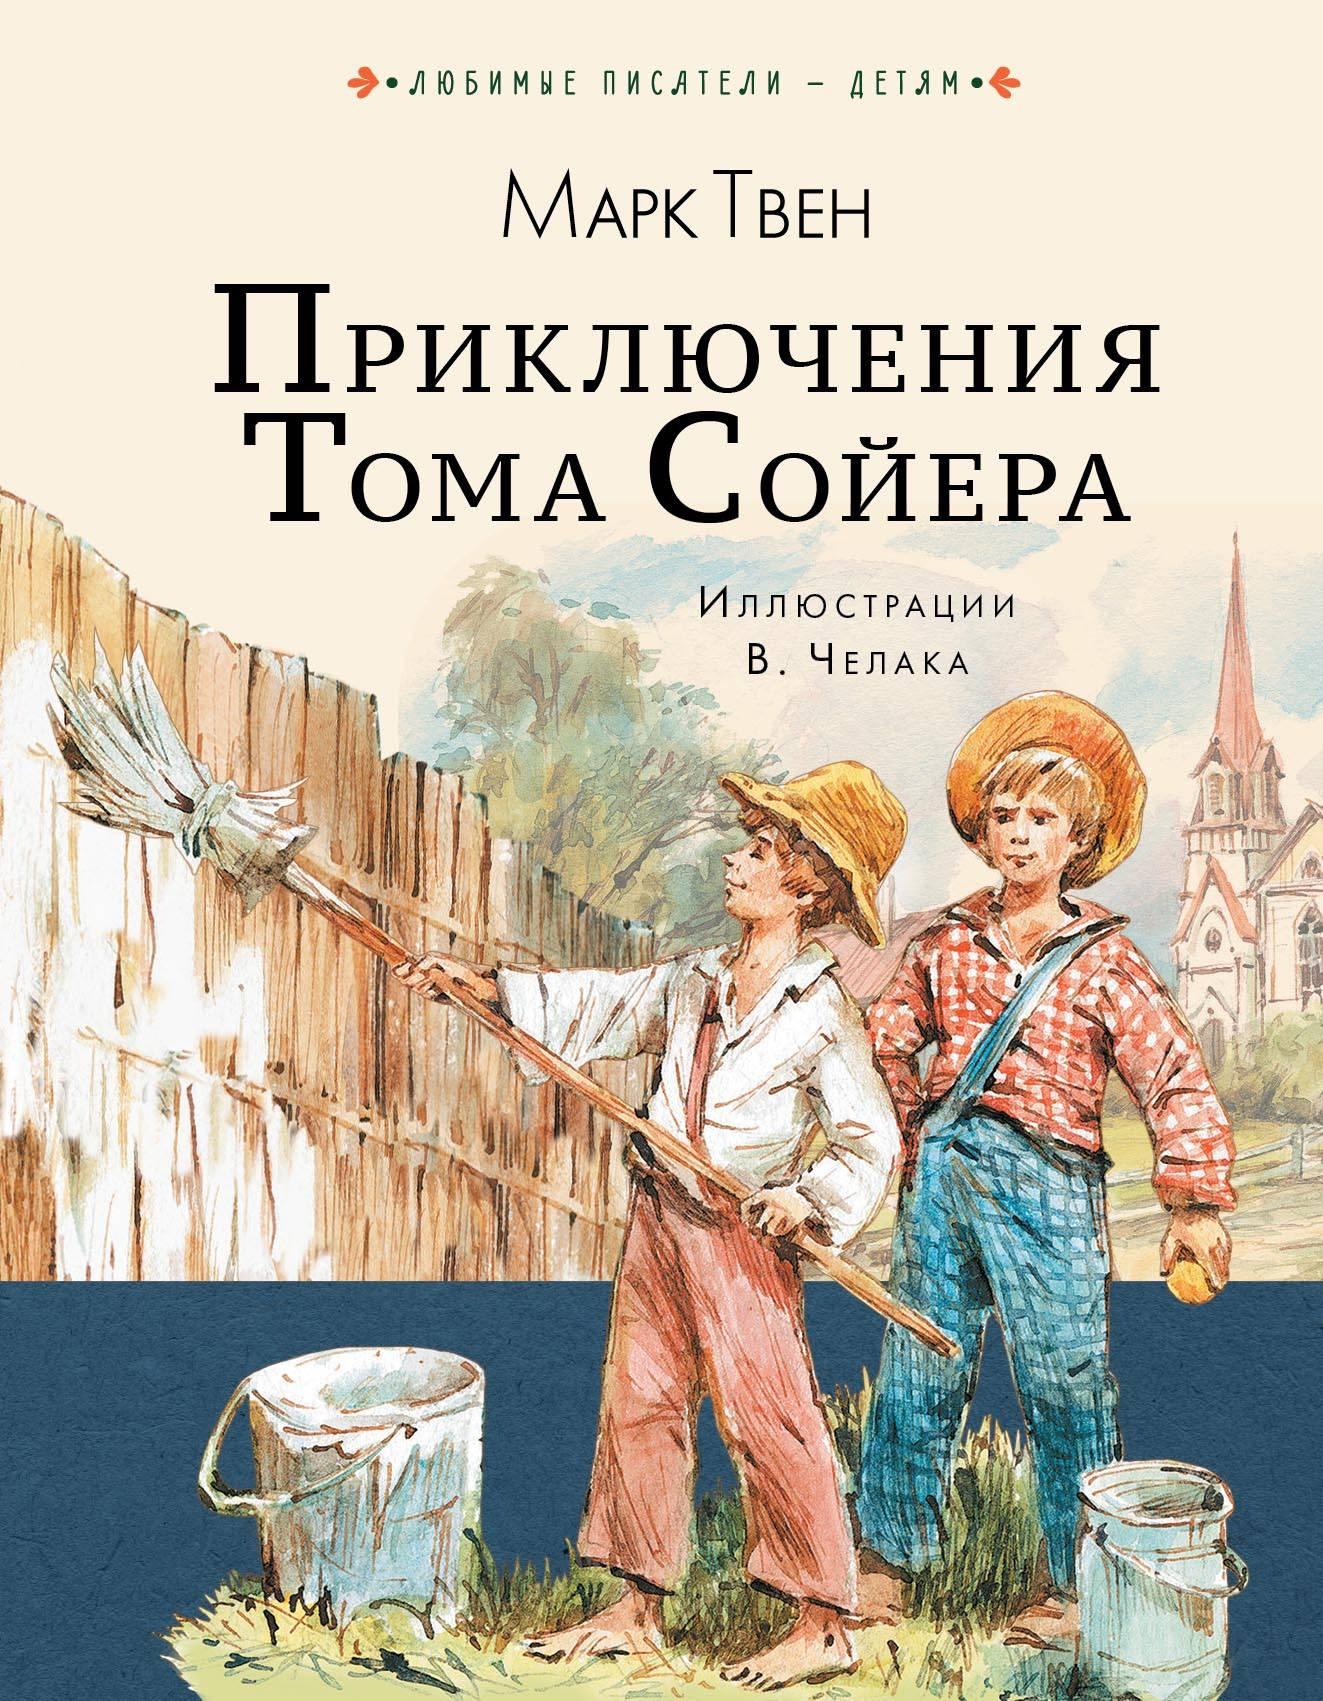 Рецензия на книгу приключение тома сойера 5618